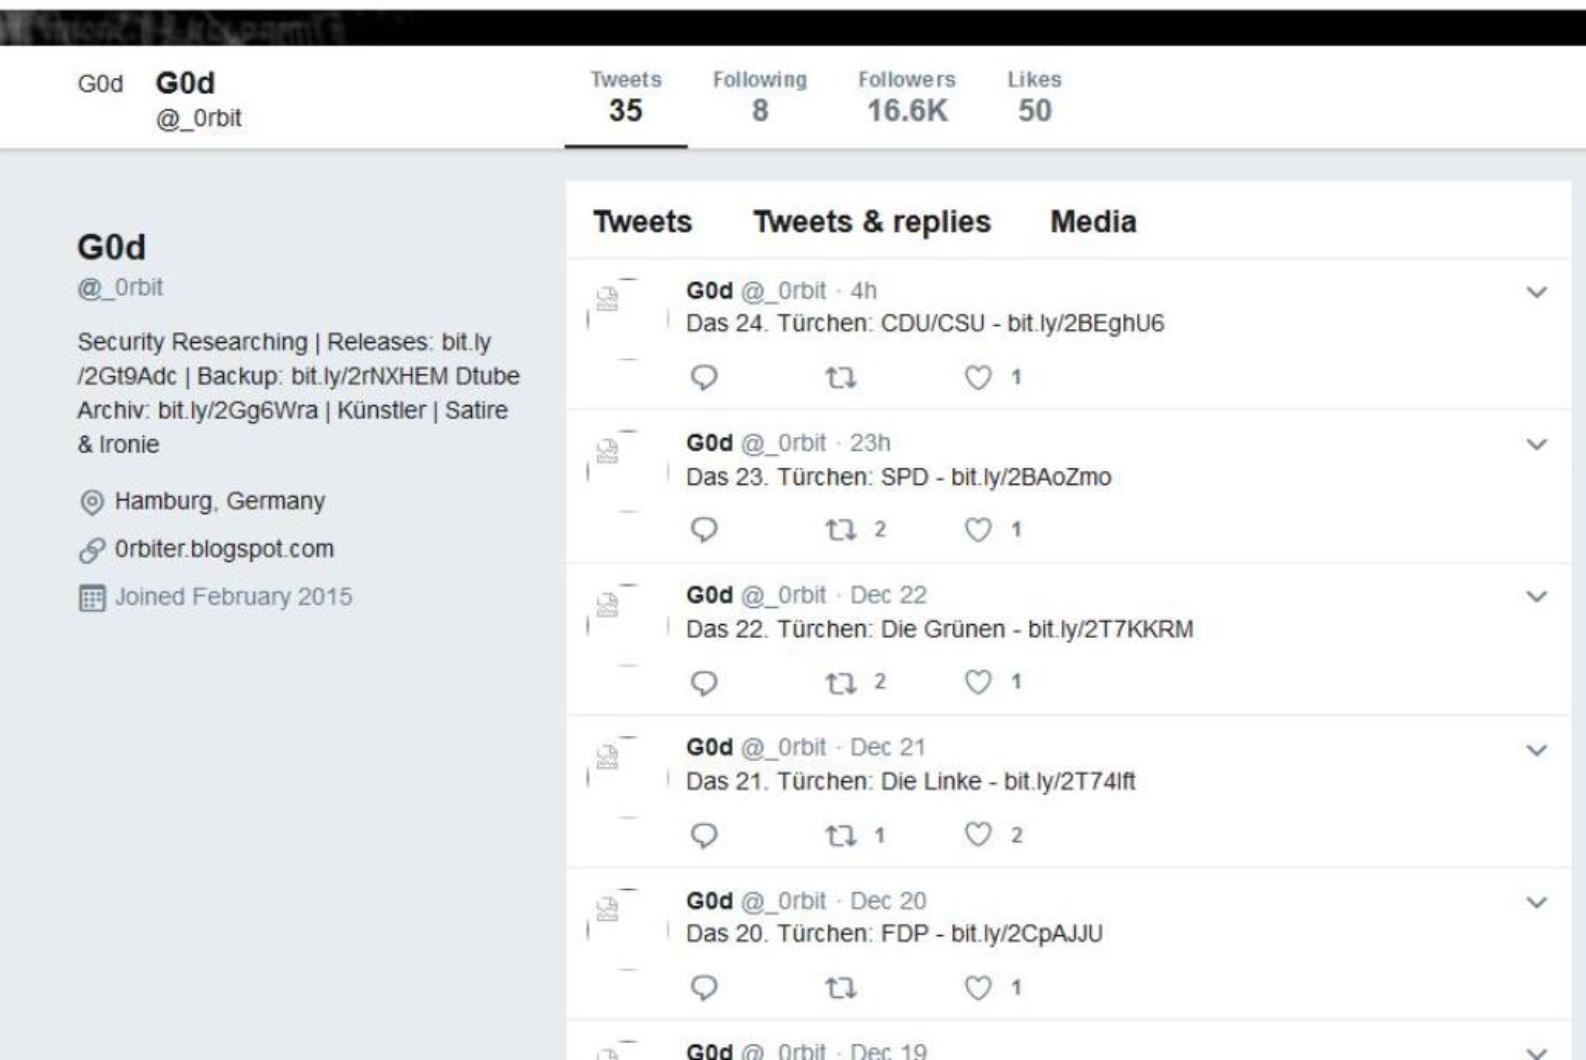 Datenleak: Ermittler nehmen Verdächtigen fest - Im Dezember 2018 wurden die gehackten Daten per Twitter auf dem Account _0rbit verlinkt. (Screenshot: Golem.de)